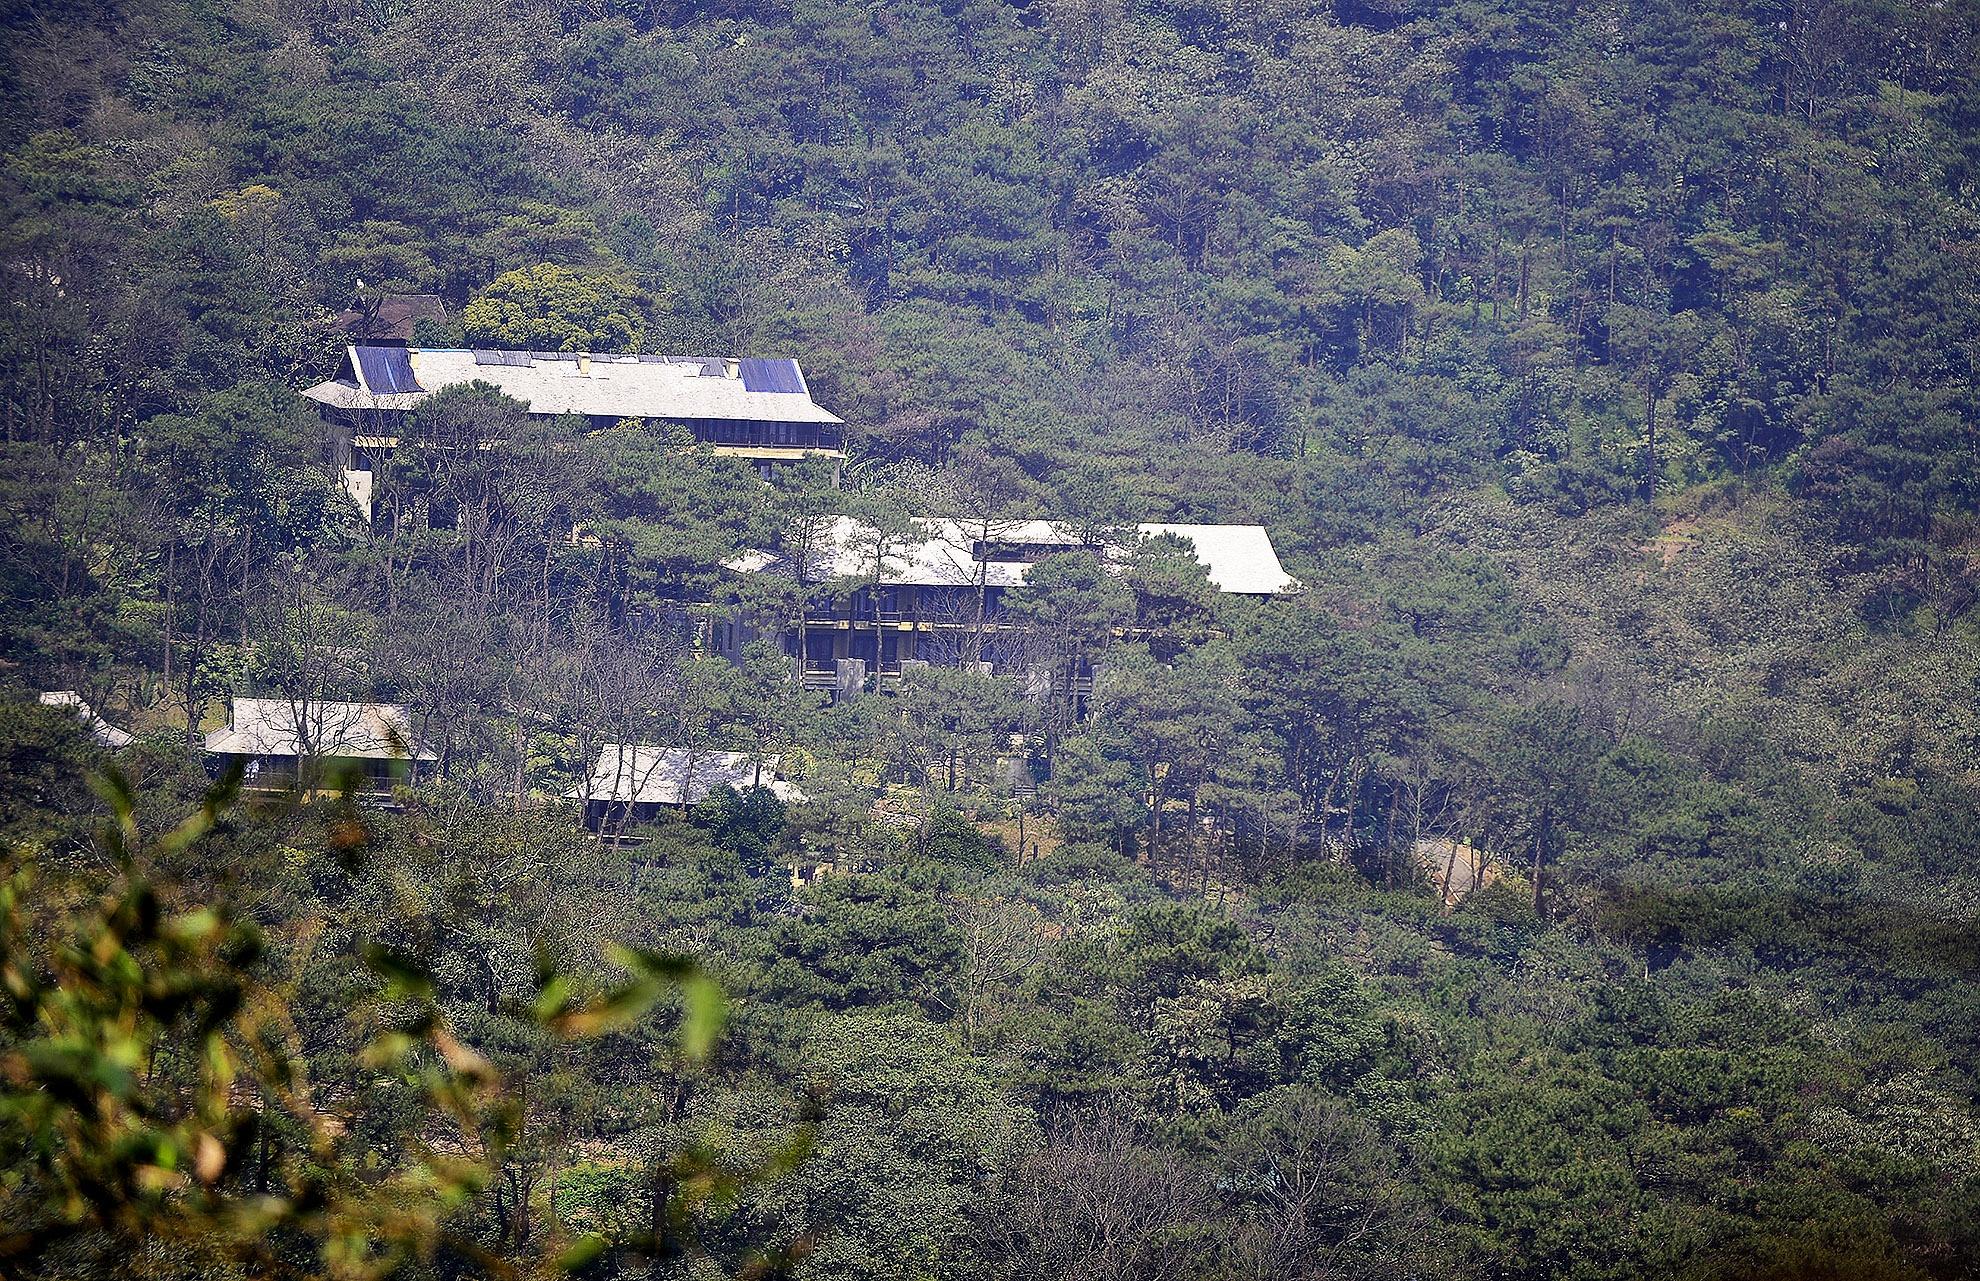 Toan canh resort hoanh trang khong phep o Ba Vi hinh anh 1